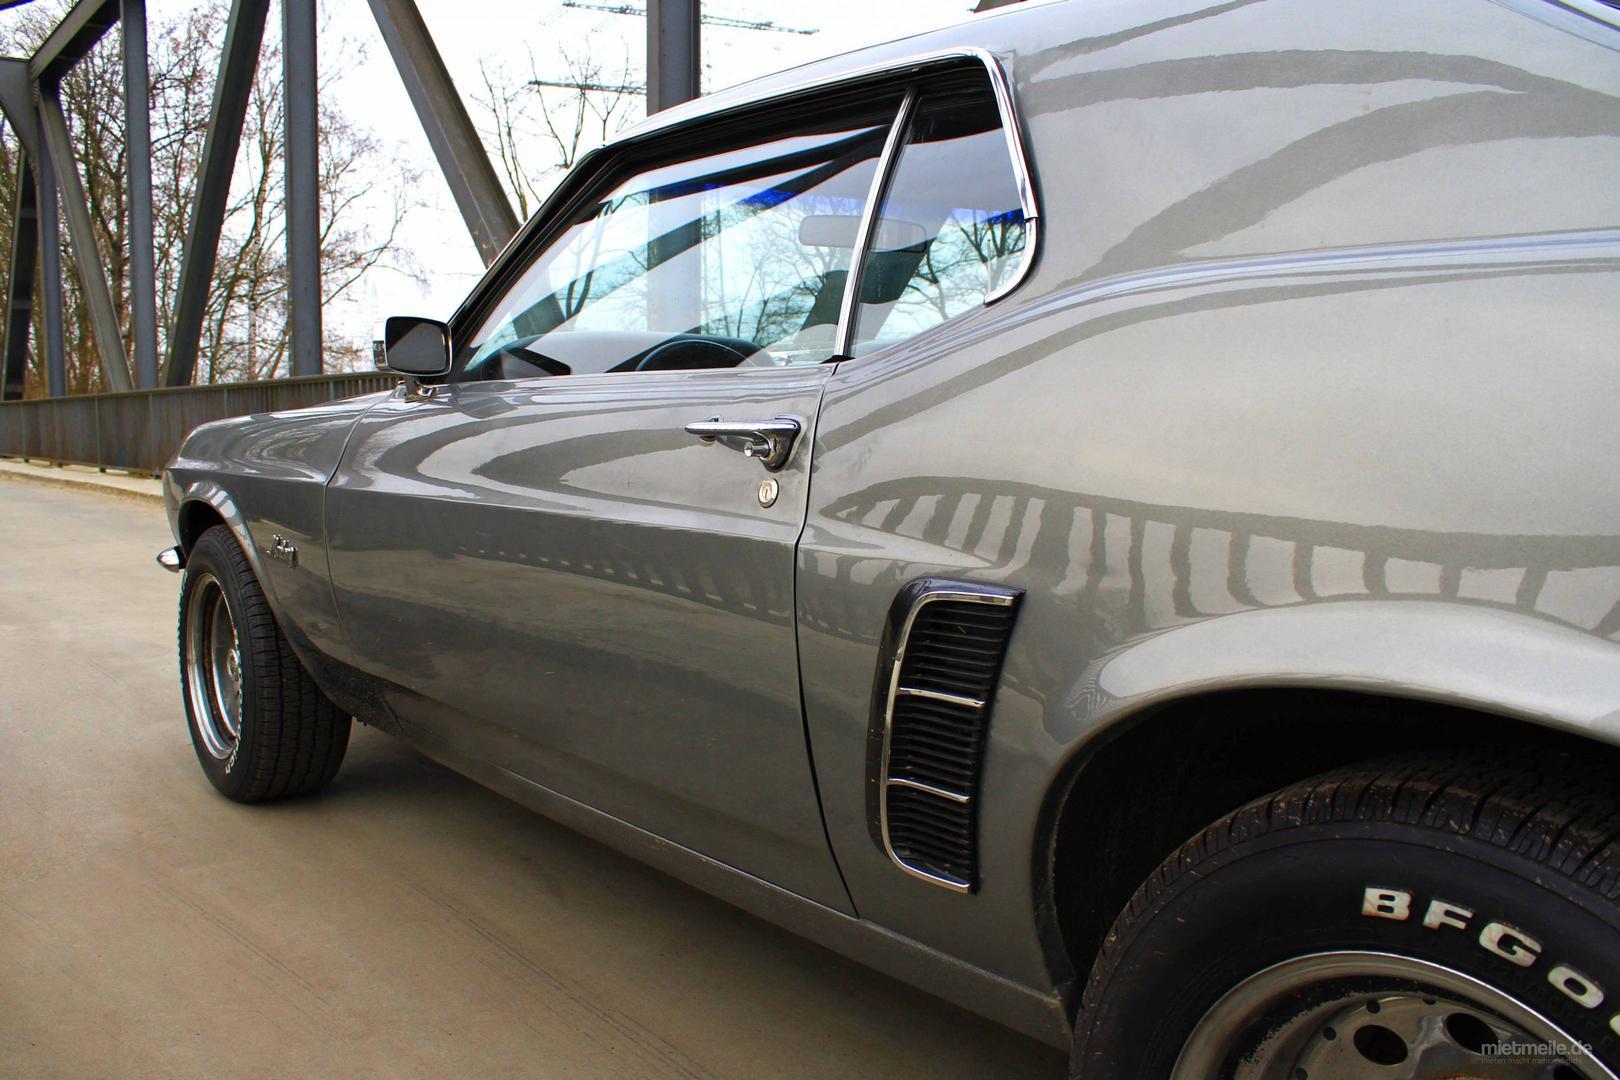 Oldtimer mieten & vermieten - Mustang GT Coupe Baujahr 1969 ***V8-Motor*** in Marl